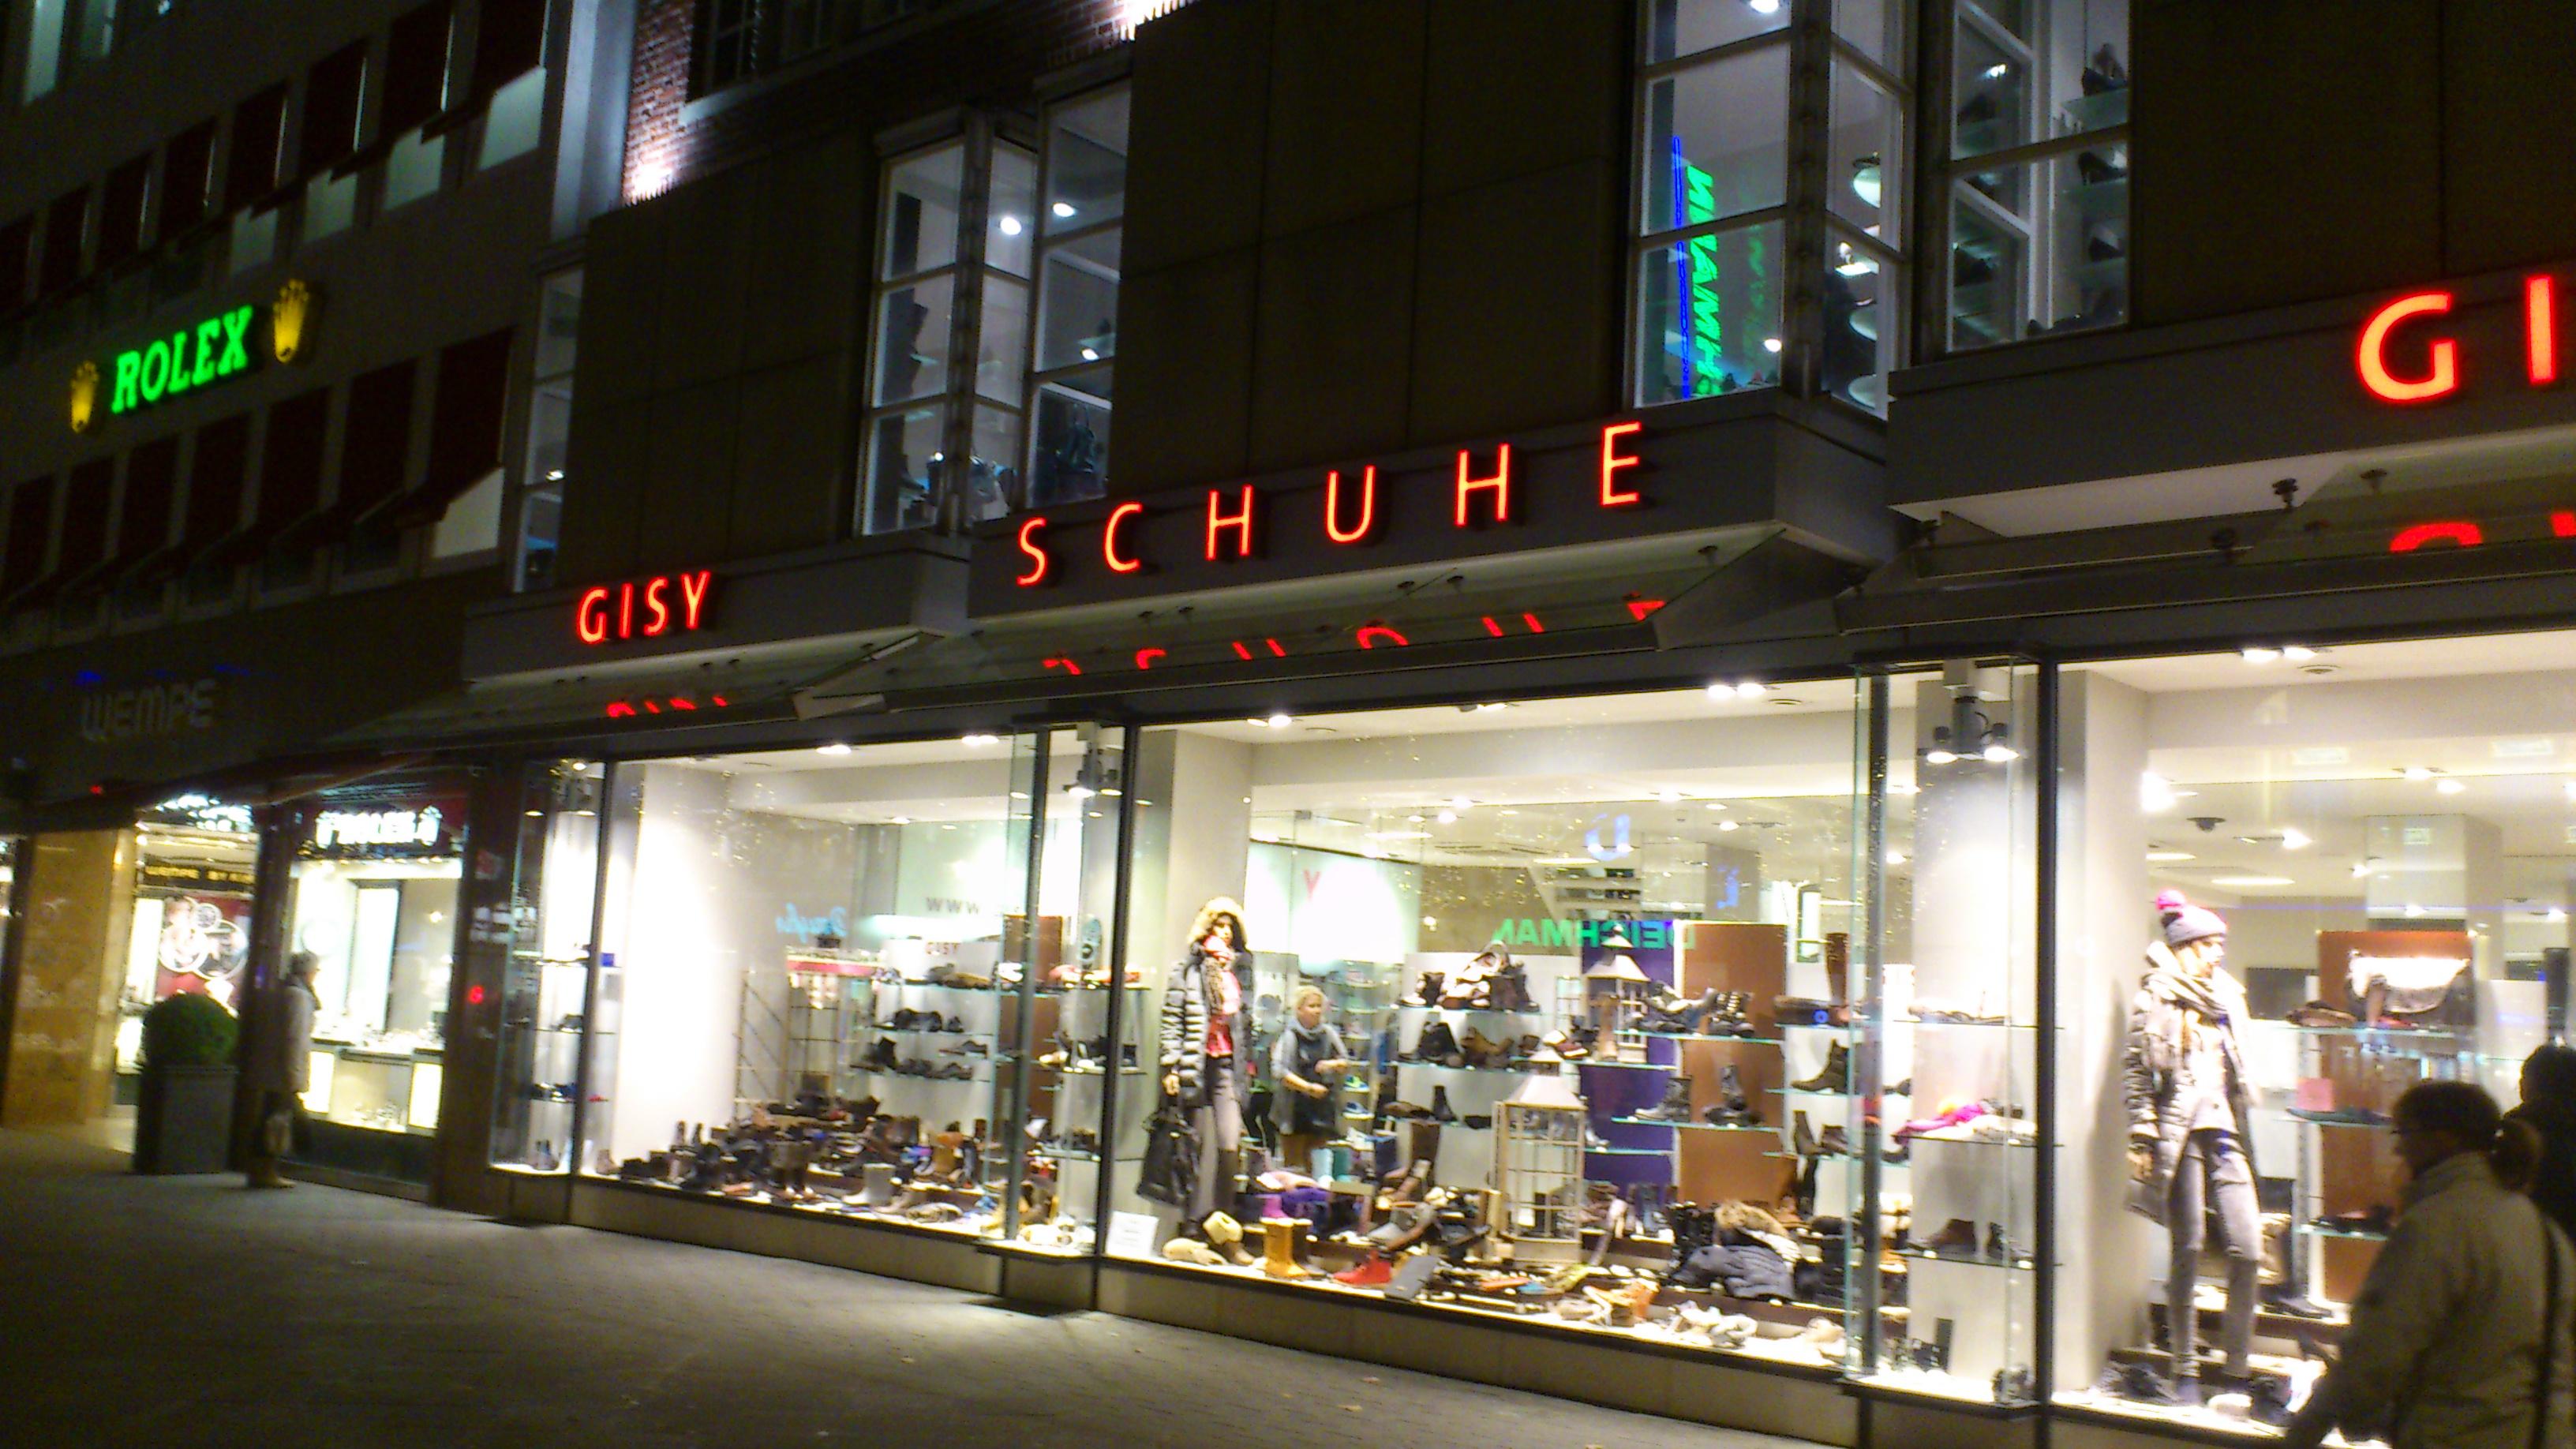 ed123418824933 ➤ Gisy Schuhe GmbH   Co. 30159 Hannover-Mitte Öffnungszeiten ...